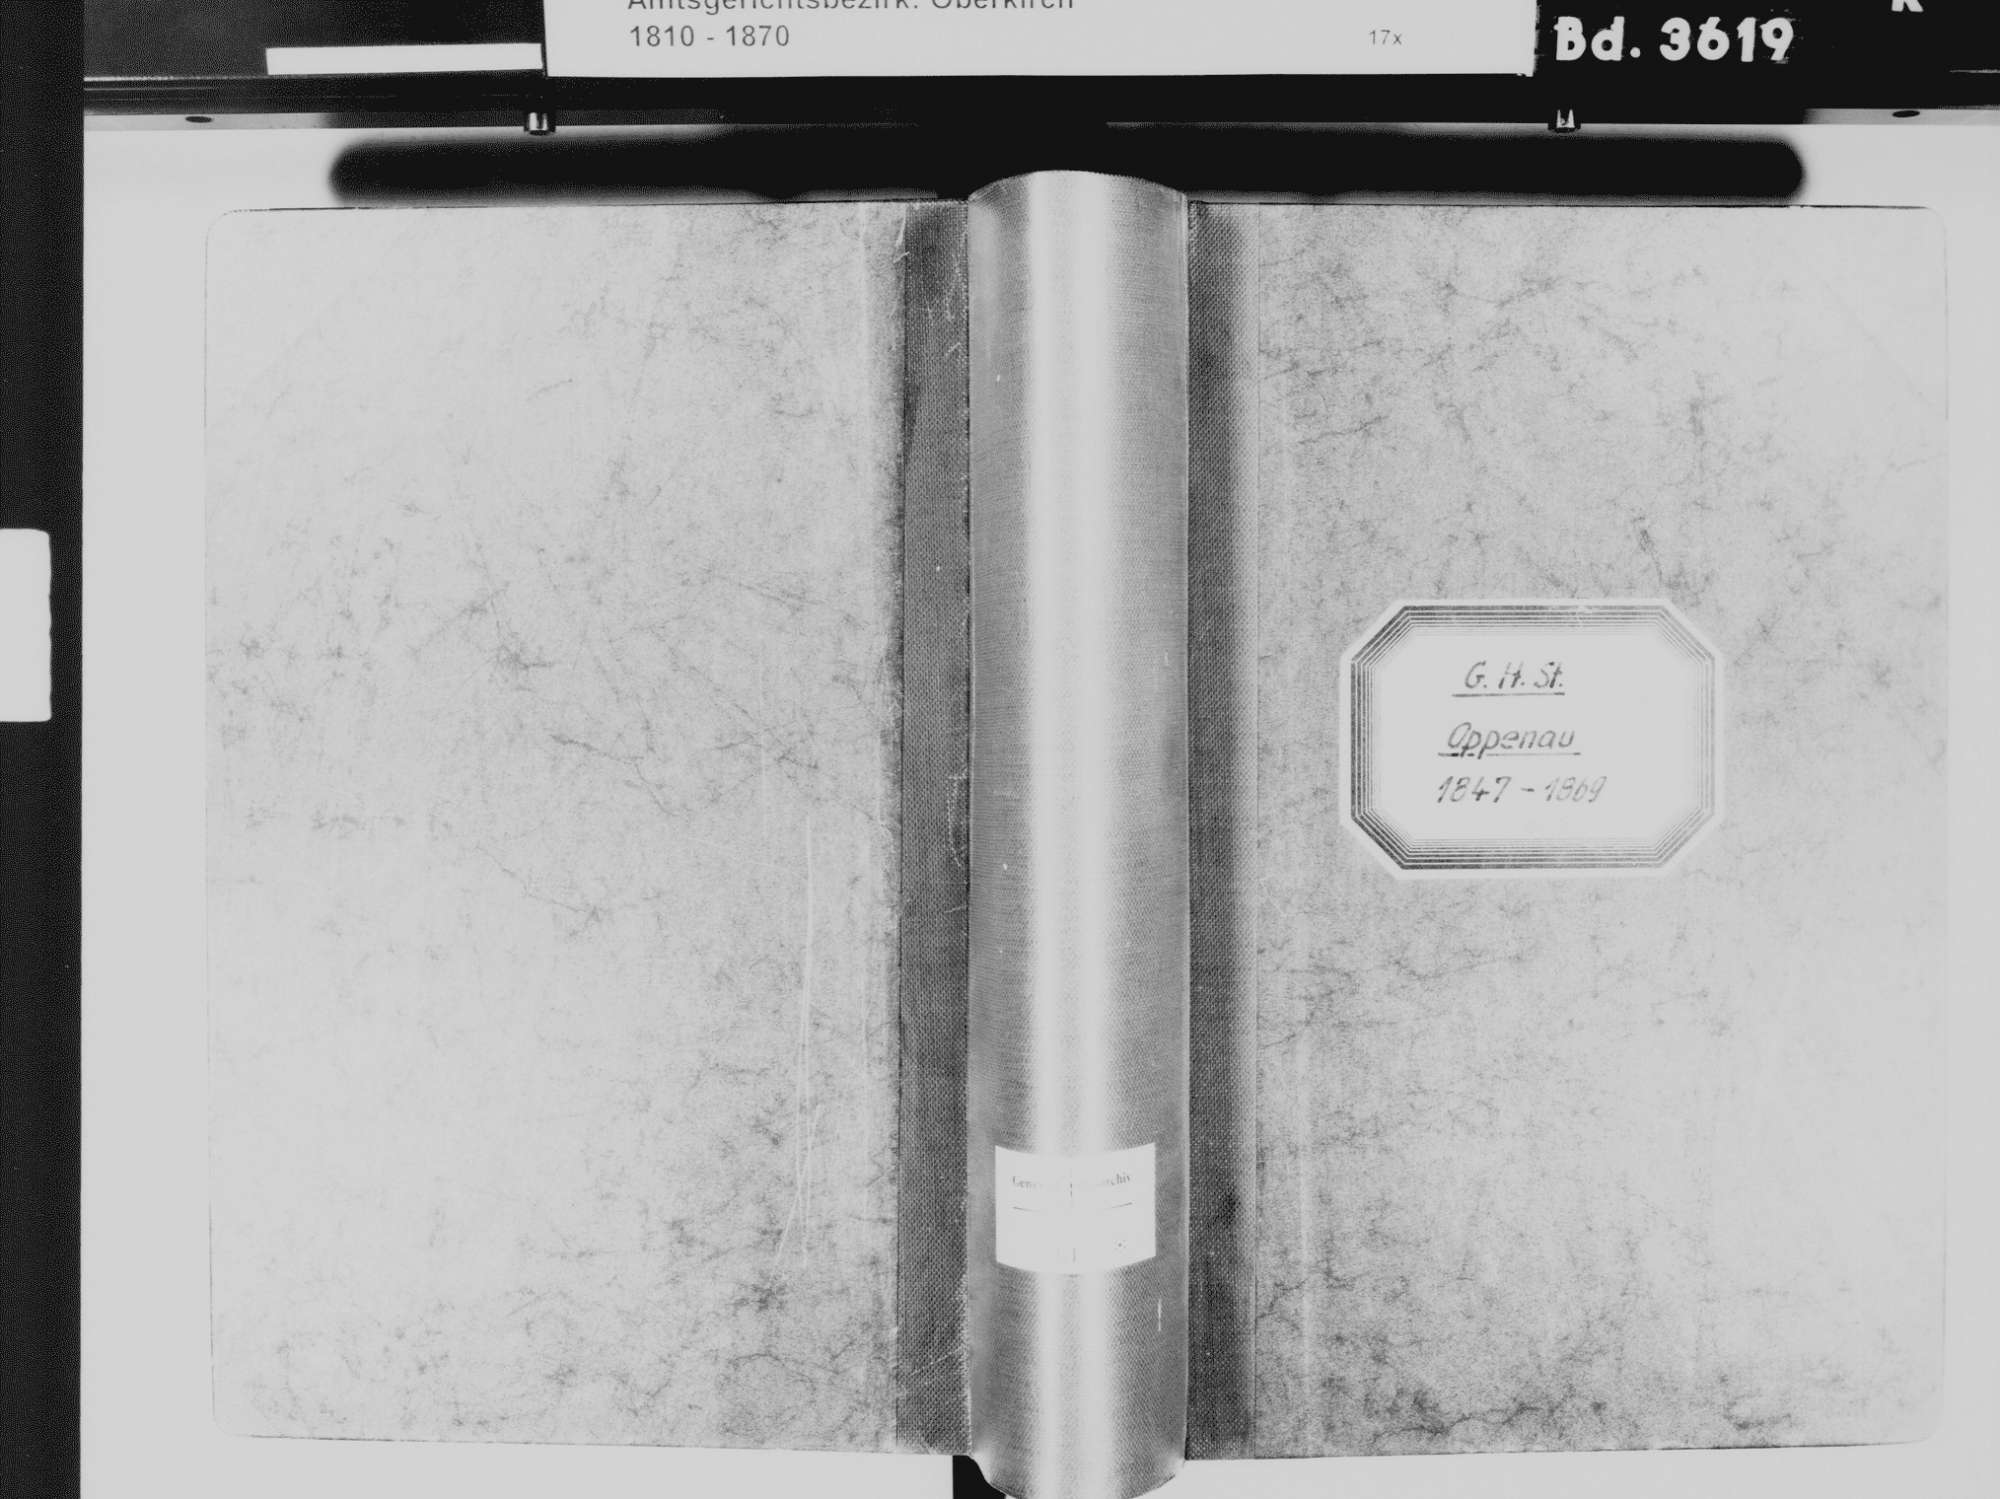 Oppenau OG; Katholische Gemeinde: Standesbuch 1847-1870, Bild 2